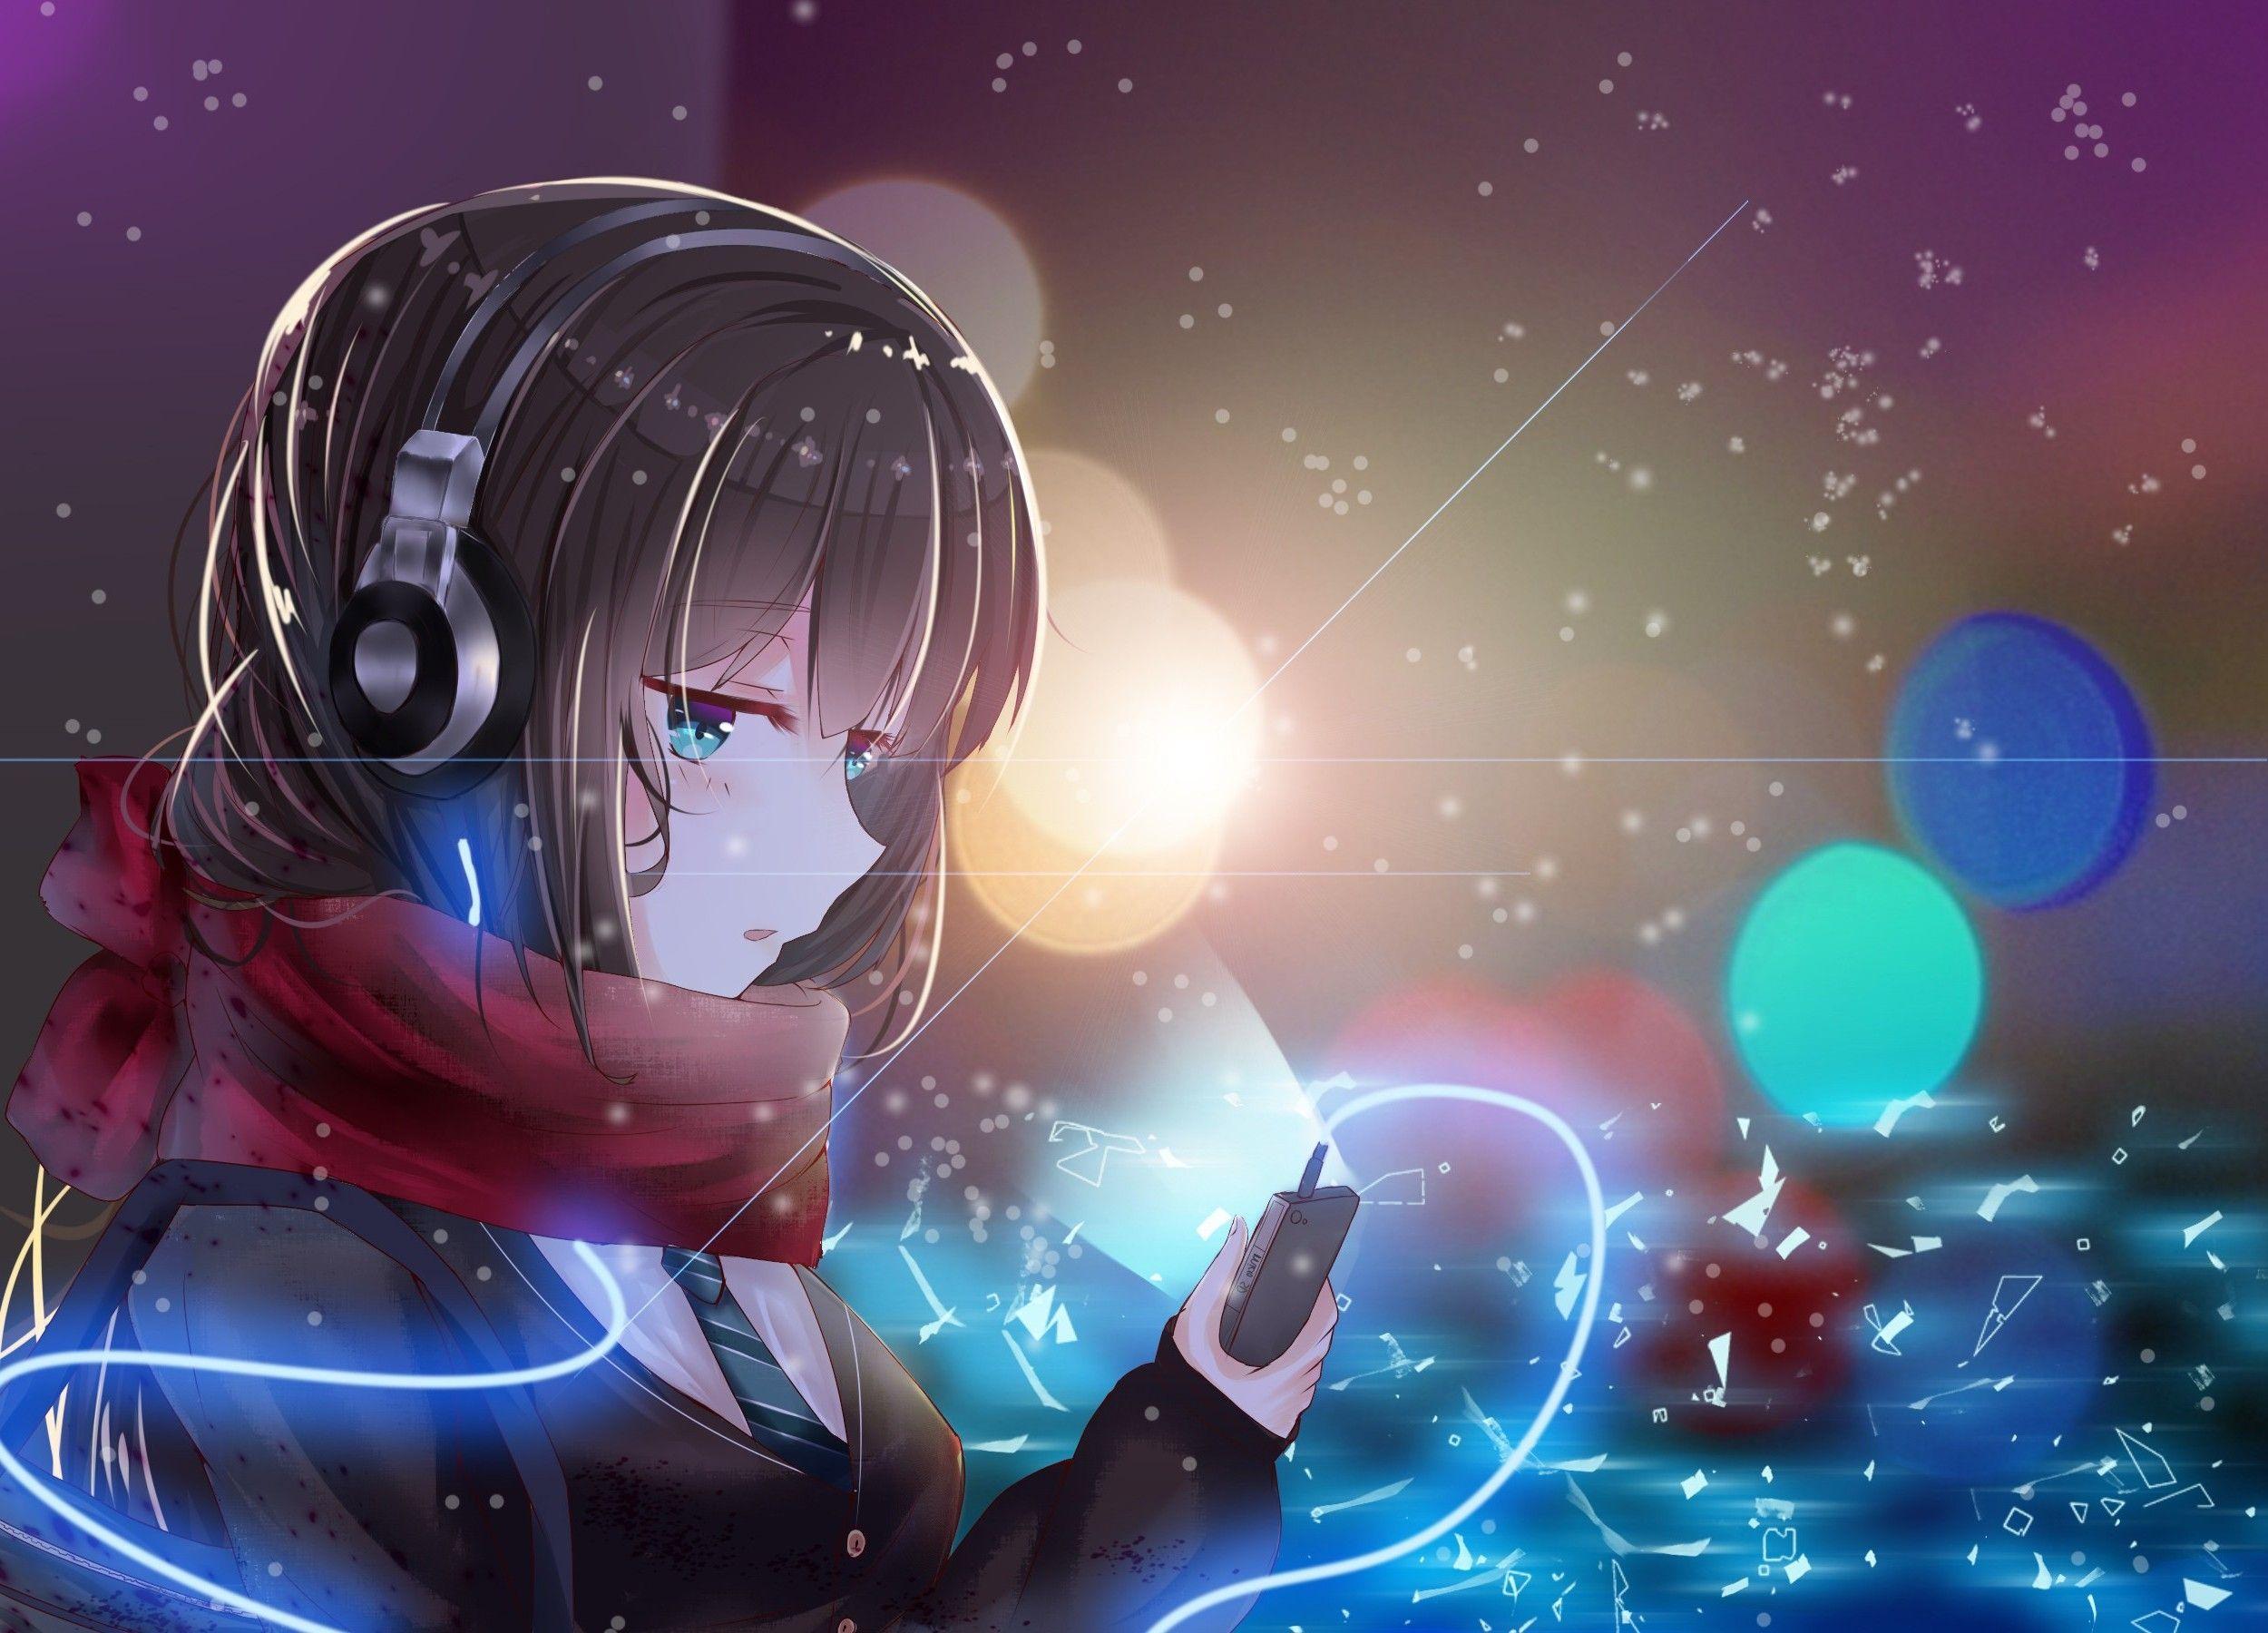 Красивые аниме картинки девушек в наушниках